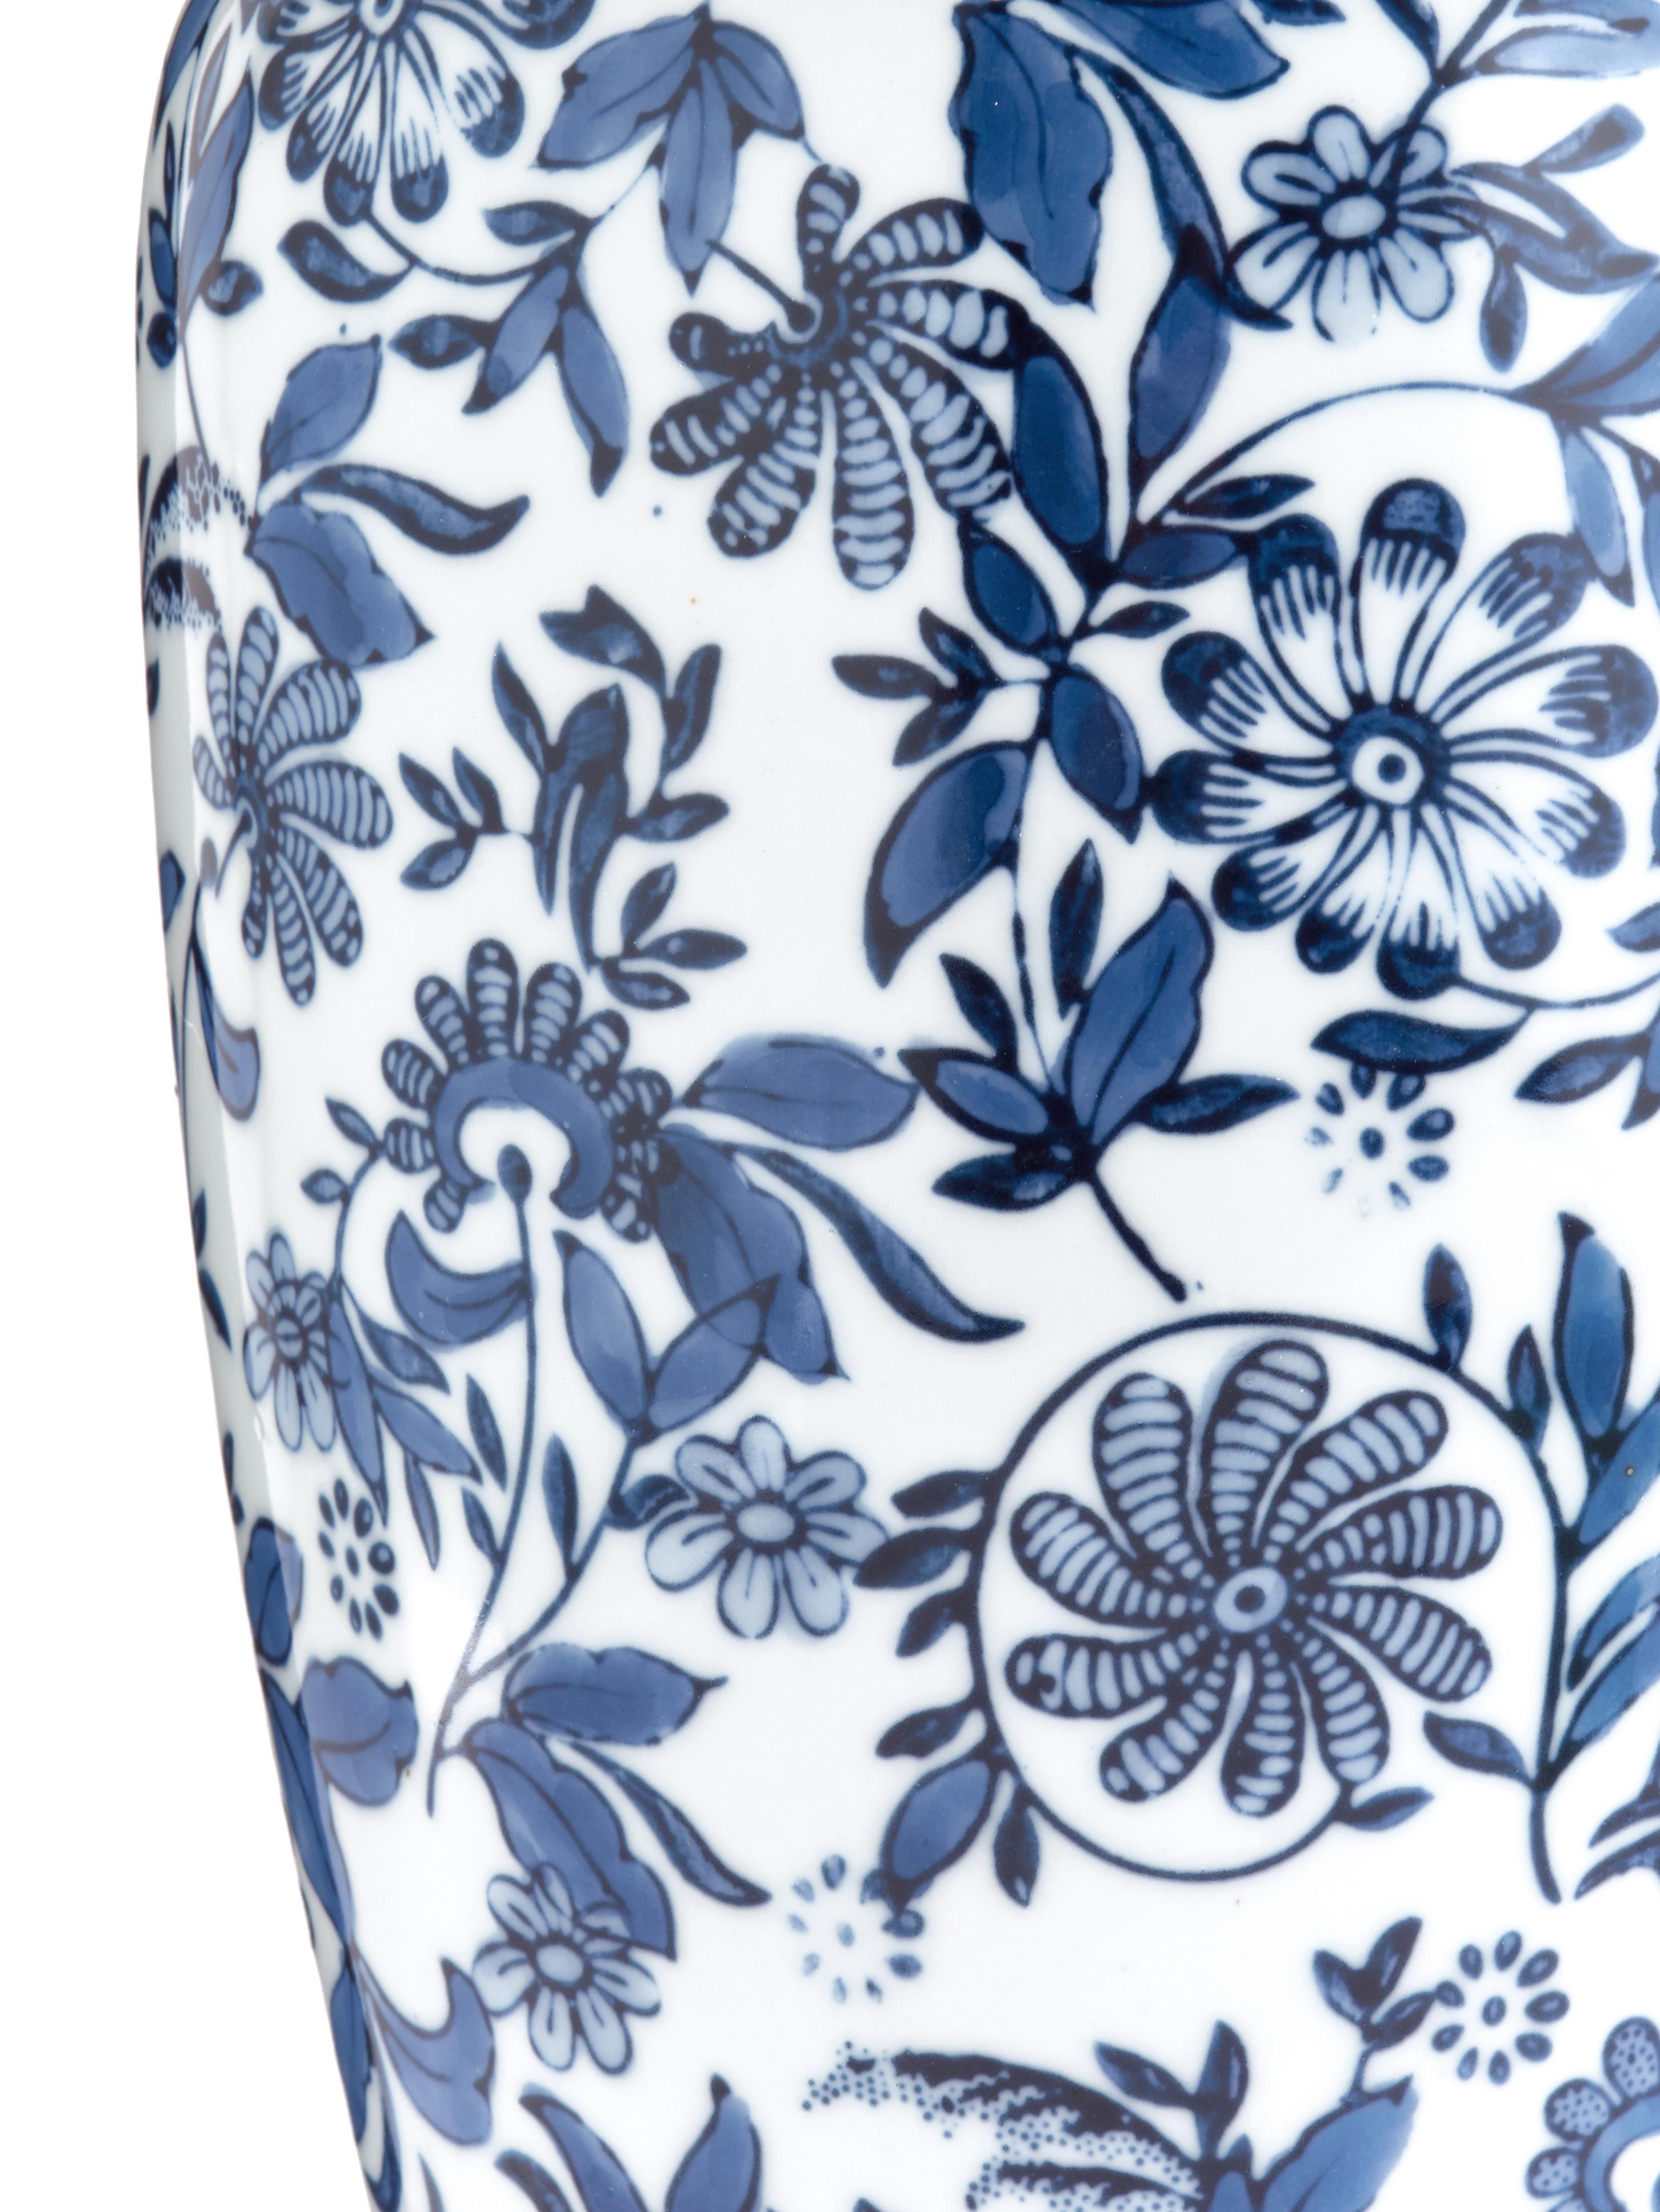 Große Deko-Vase Lin aus Porzellan, Porzellan, nicht wasserdicht, Blau, Weiß, H 31 cm